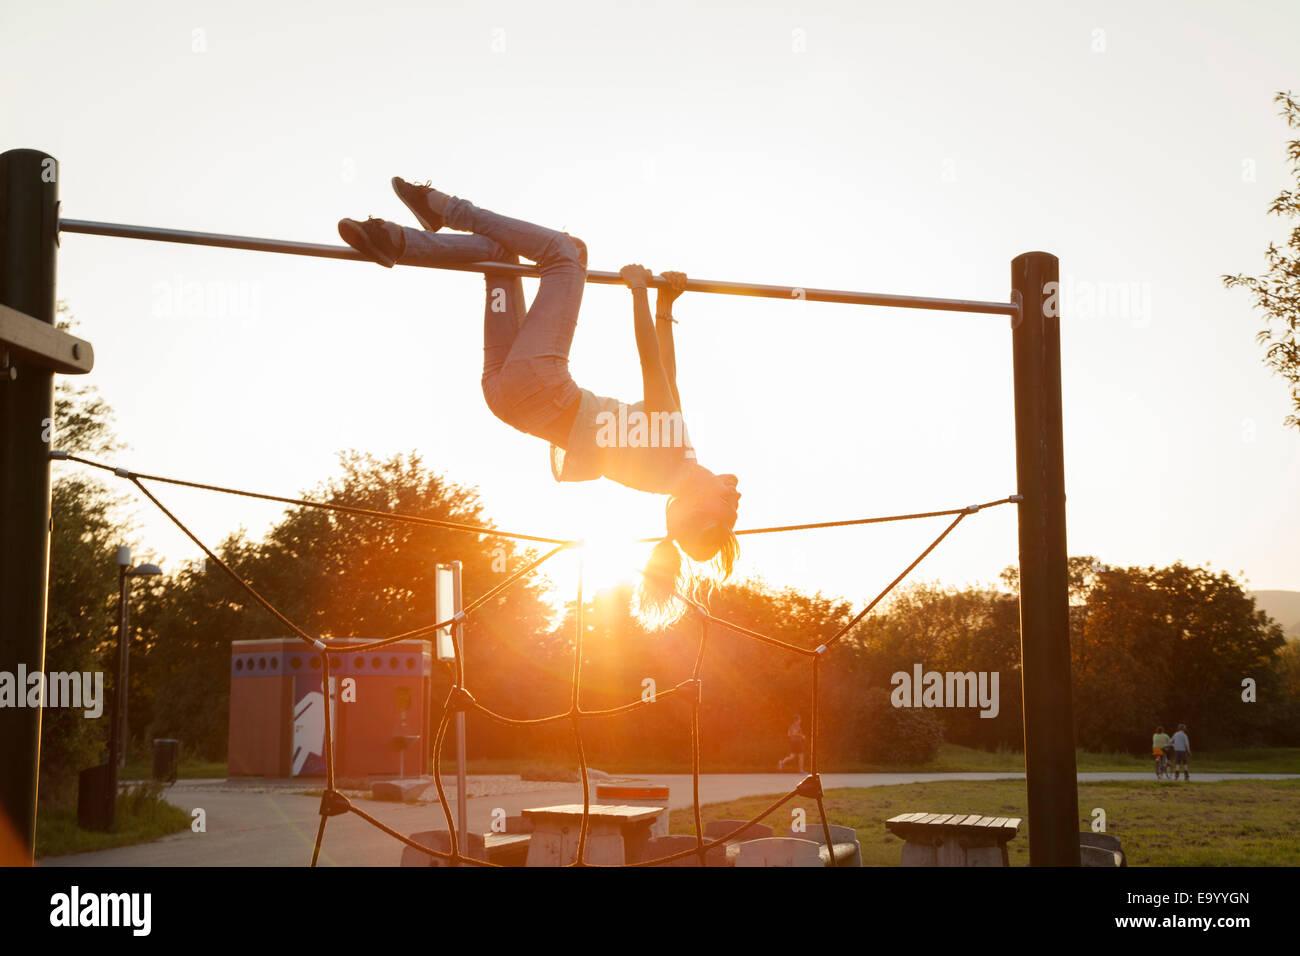 Klettergerüst Erwachsene : Junge frau silhouette auf dem kopf stehend spielplatz